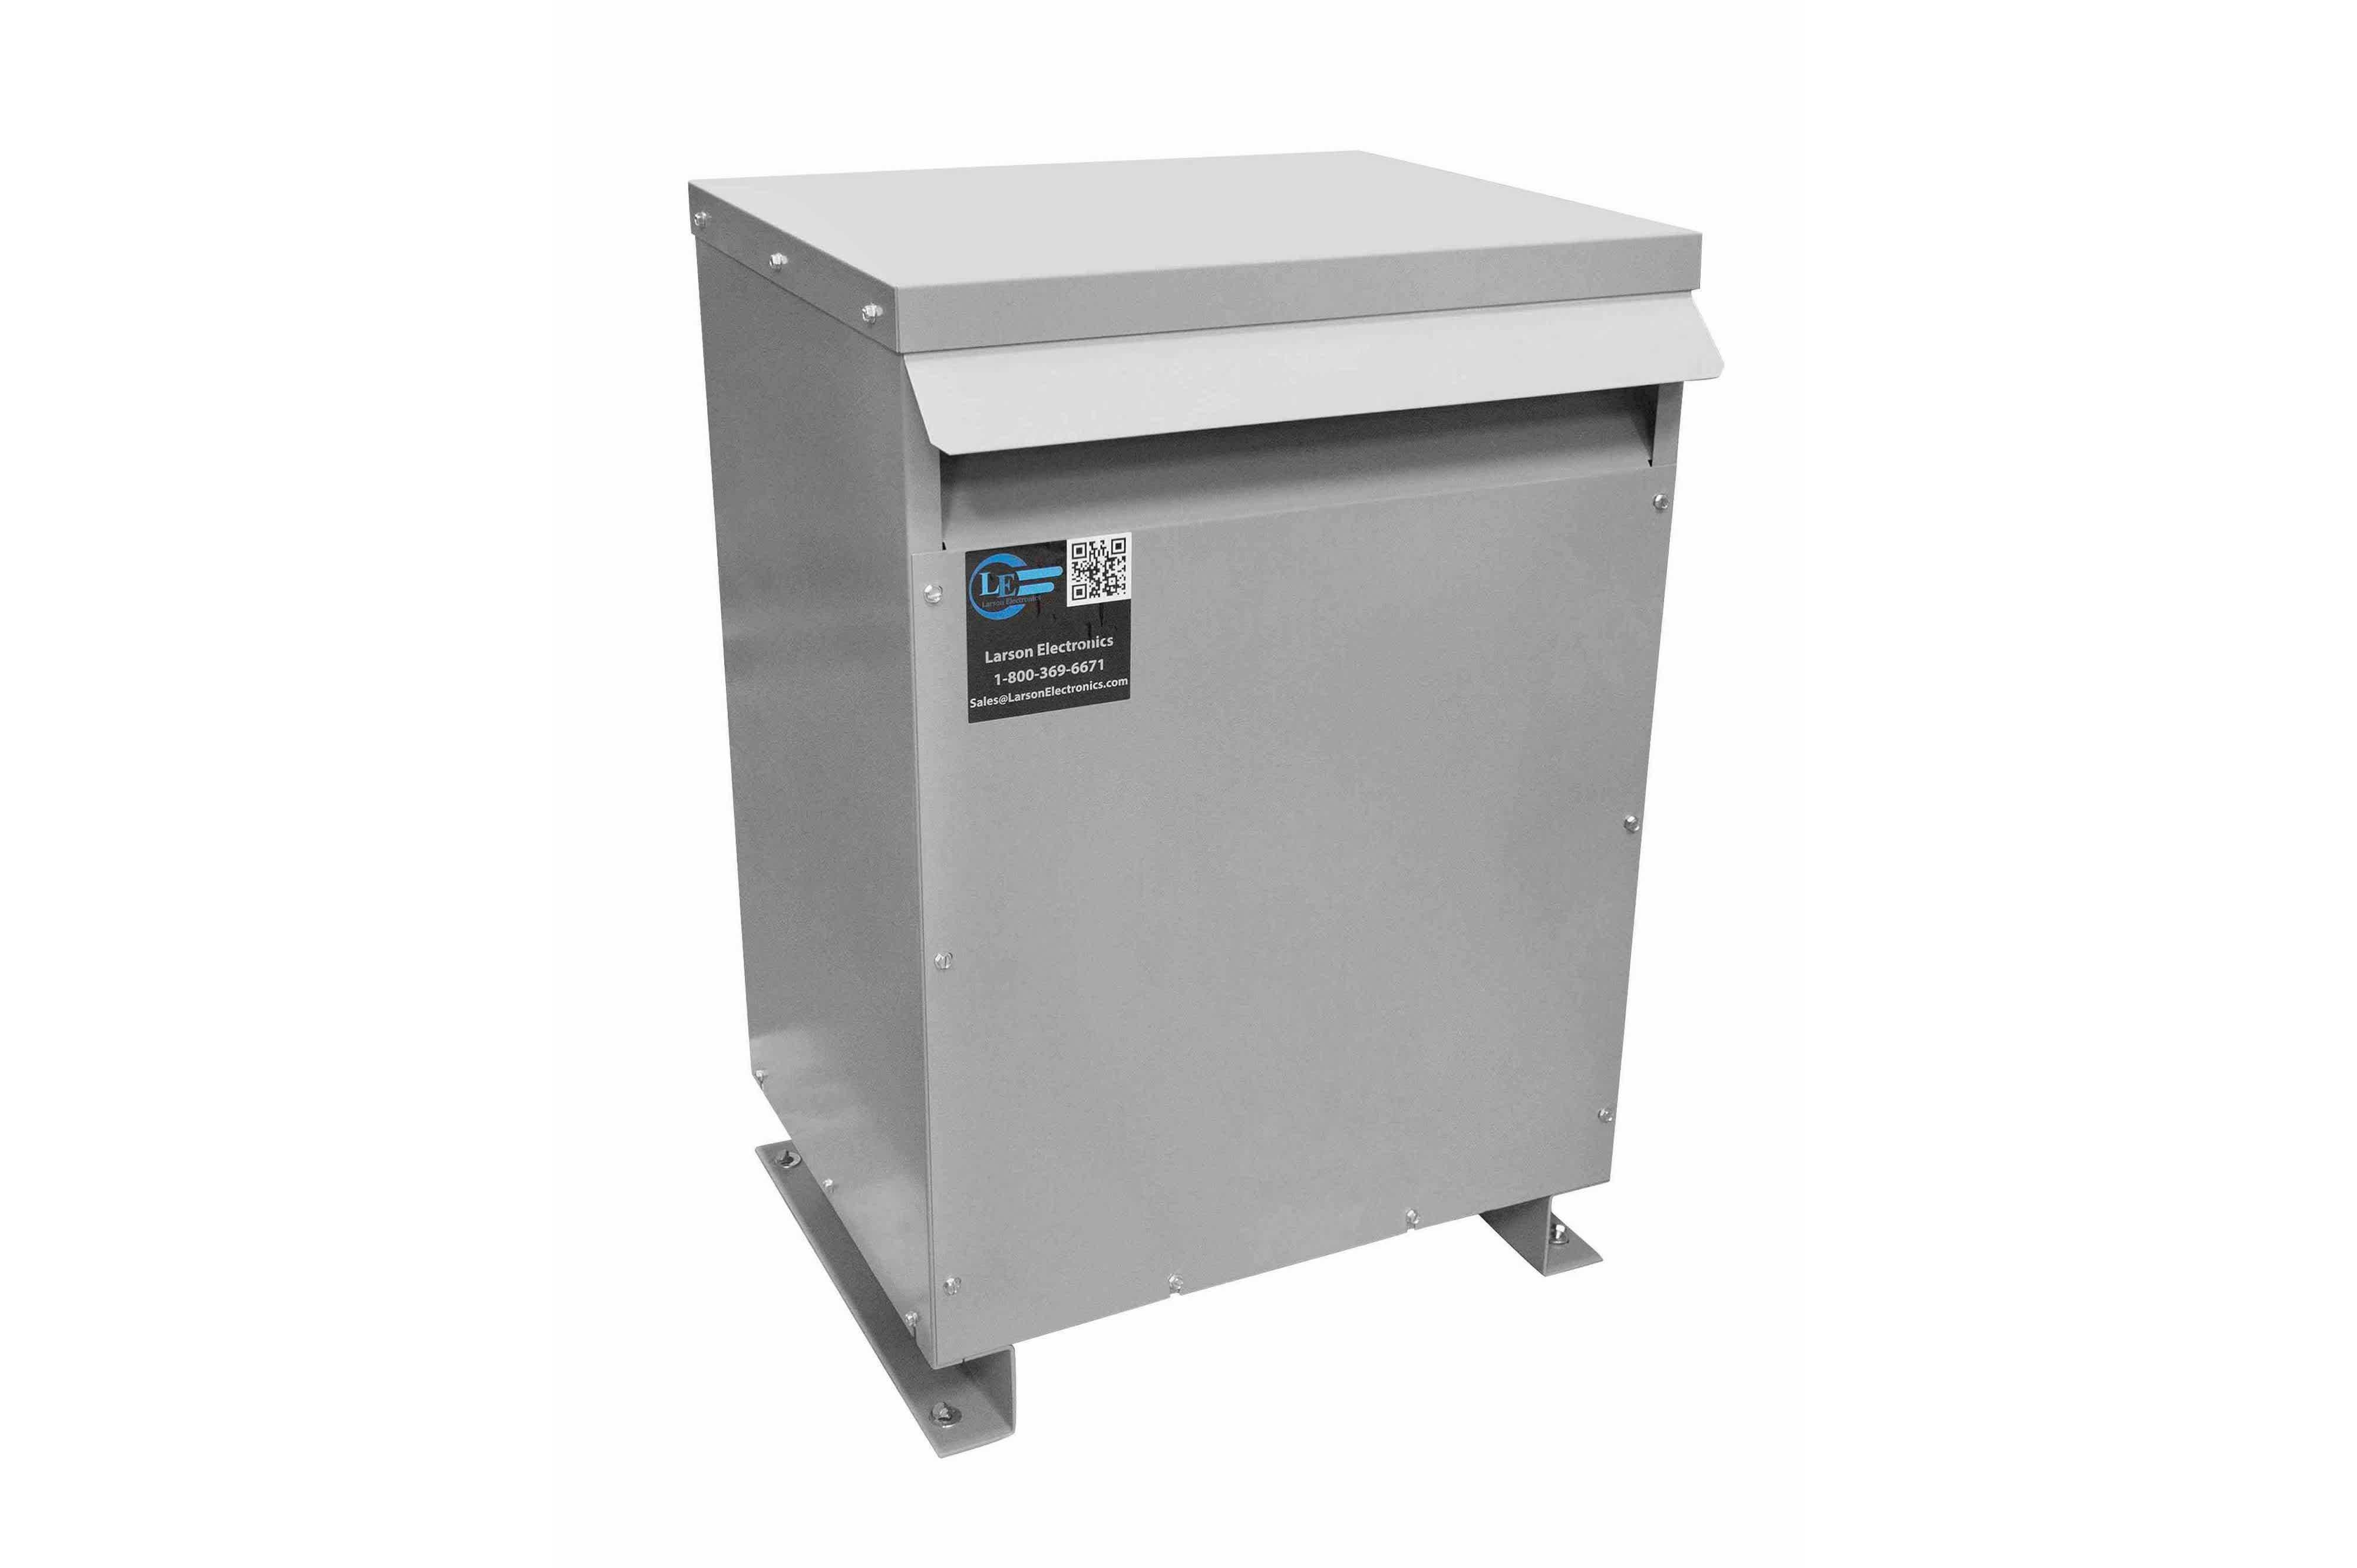 18 kVA 3PH Isolation Transformer, 480V Delta Primary, 208V Delta Secondary, N3R, Ventilated, 60 Hz